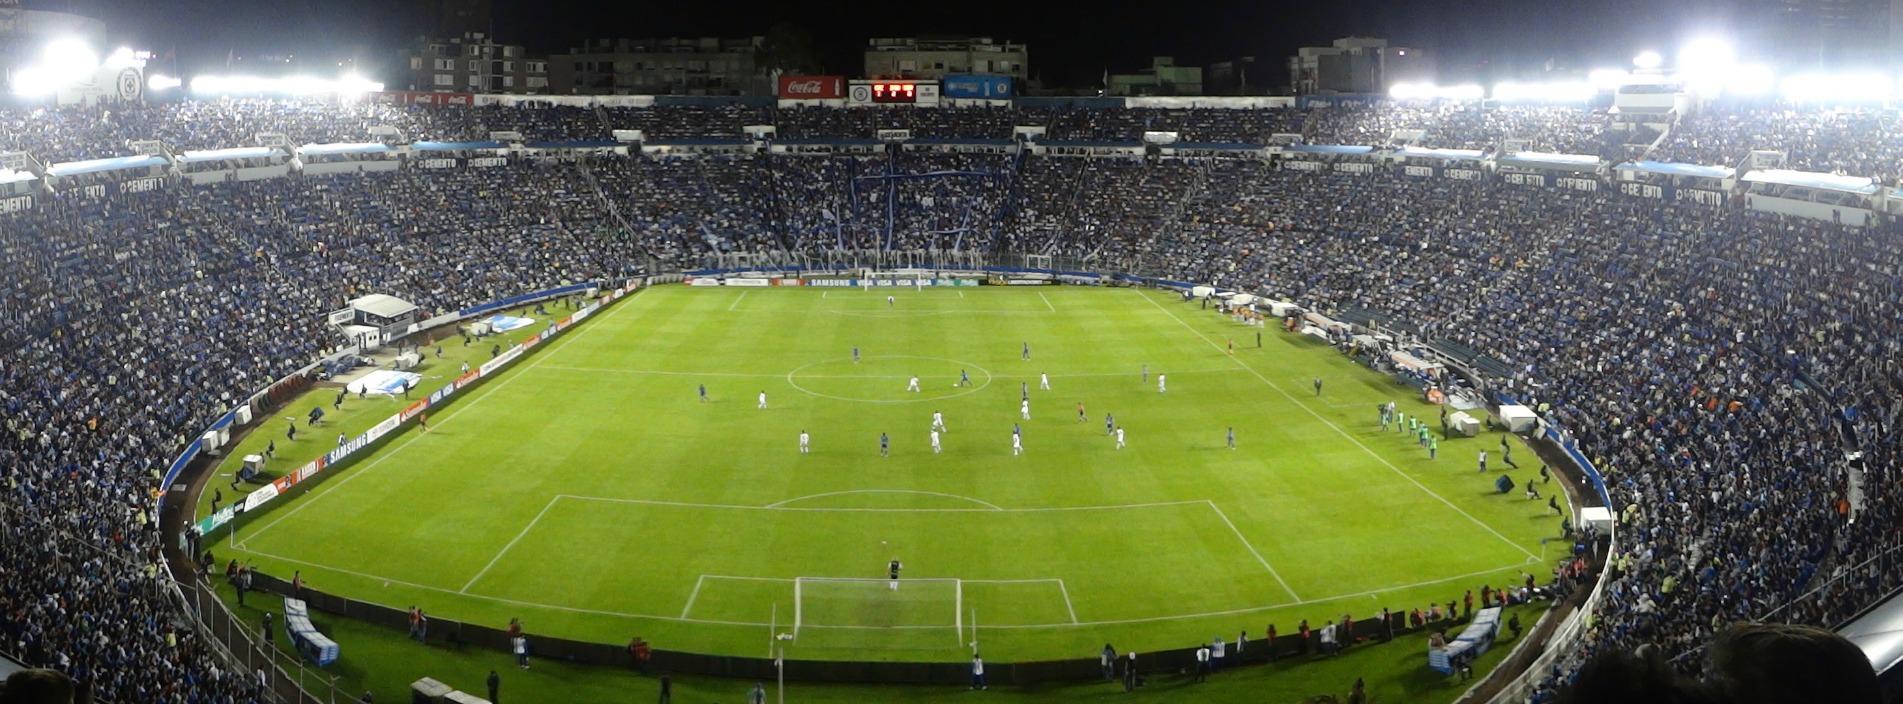 Después de 72 años, adiós al legendario Estadio Azul